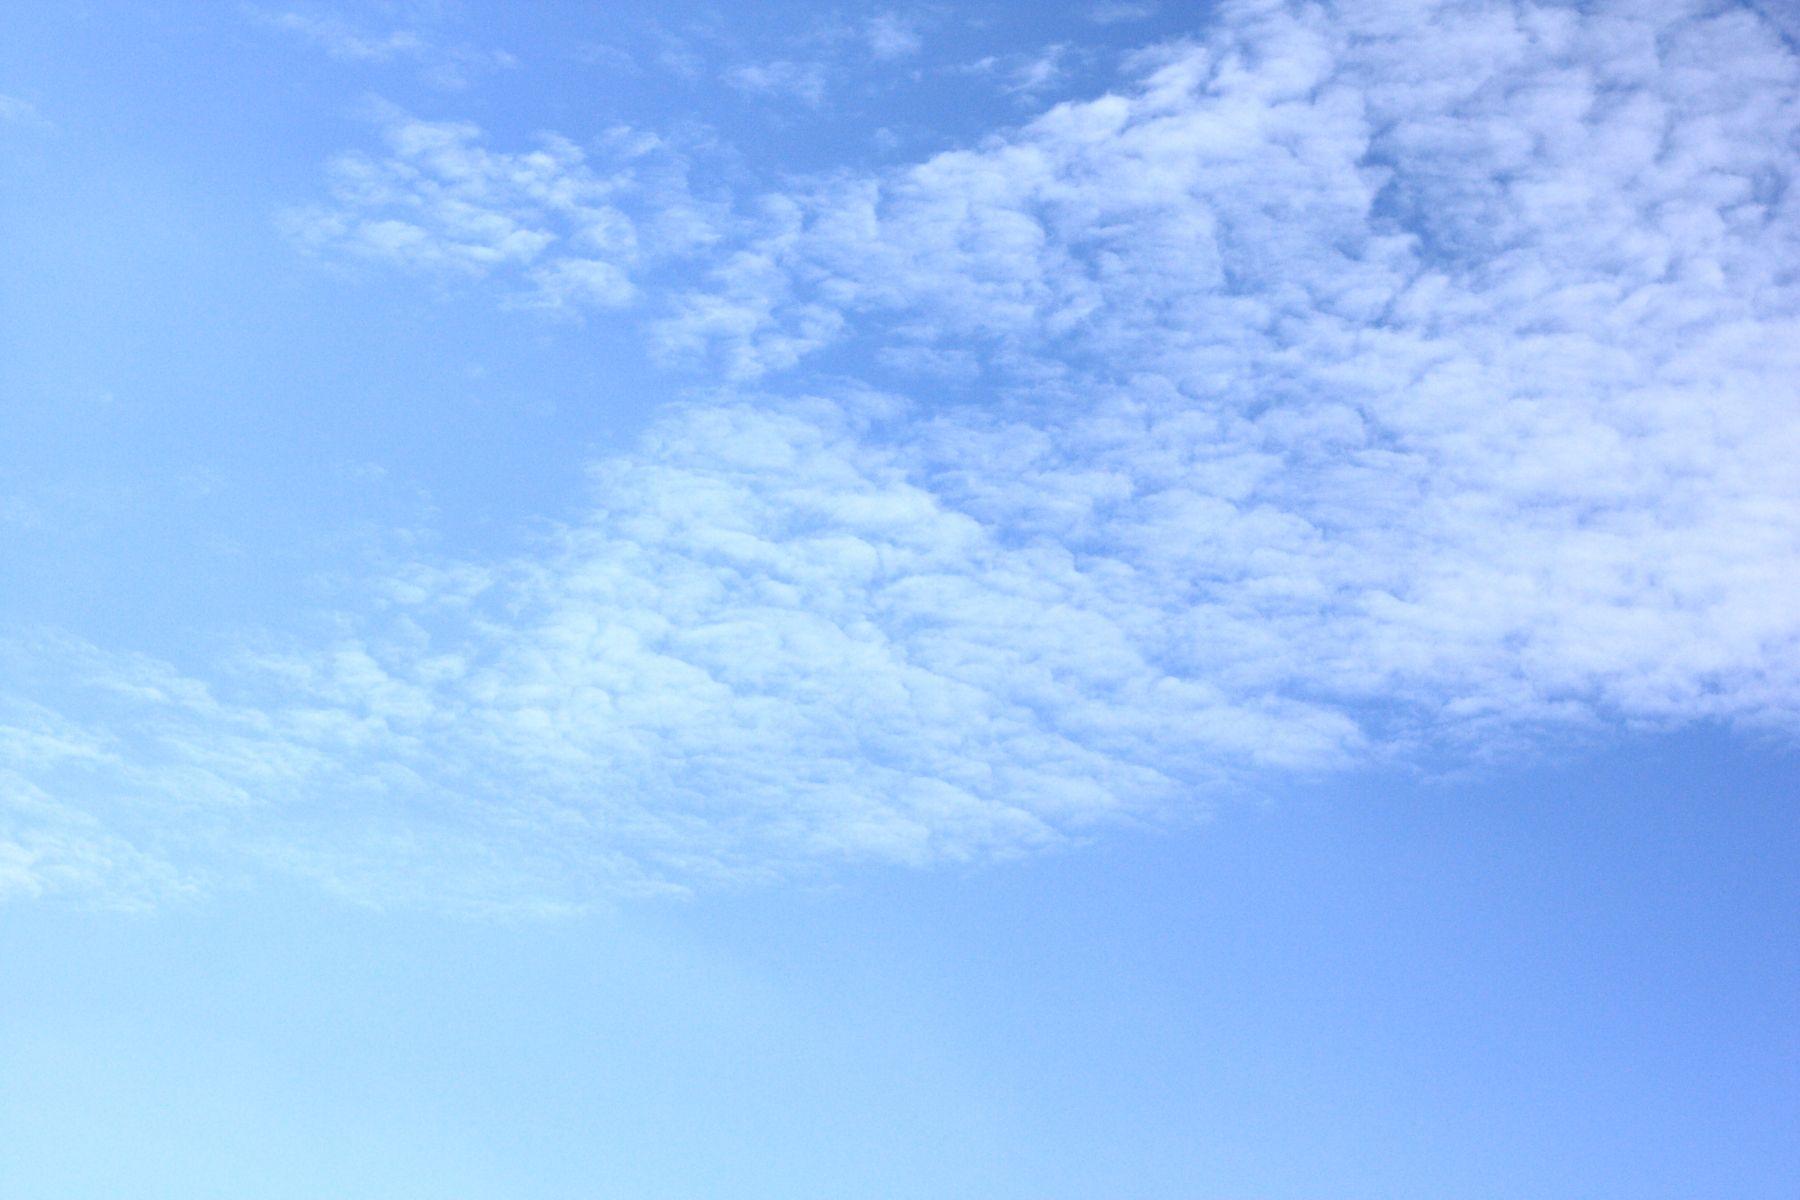 青空と鱗雲 ぺんたま フリー写真素材 無料ダウンロード